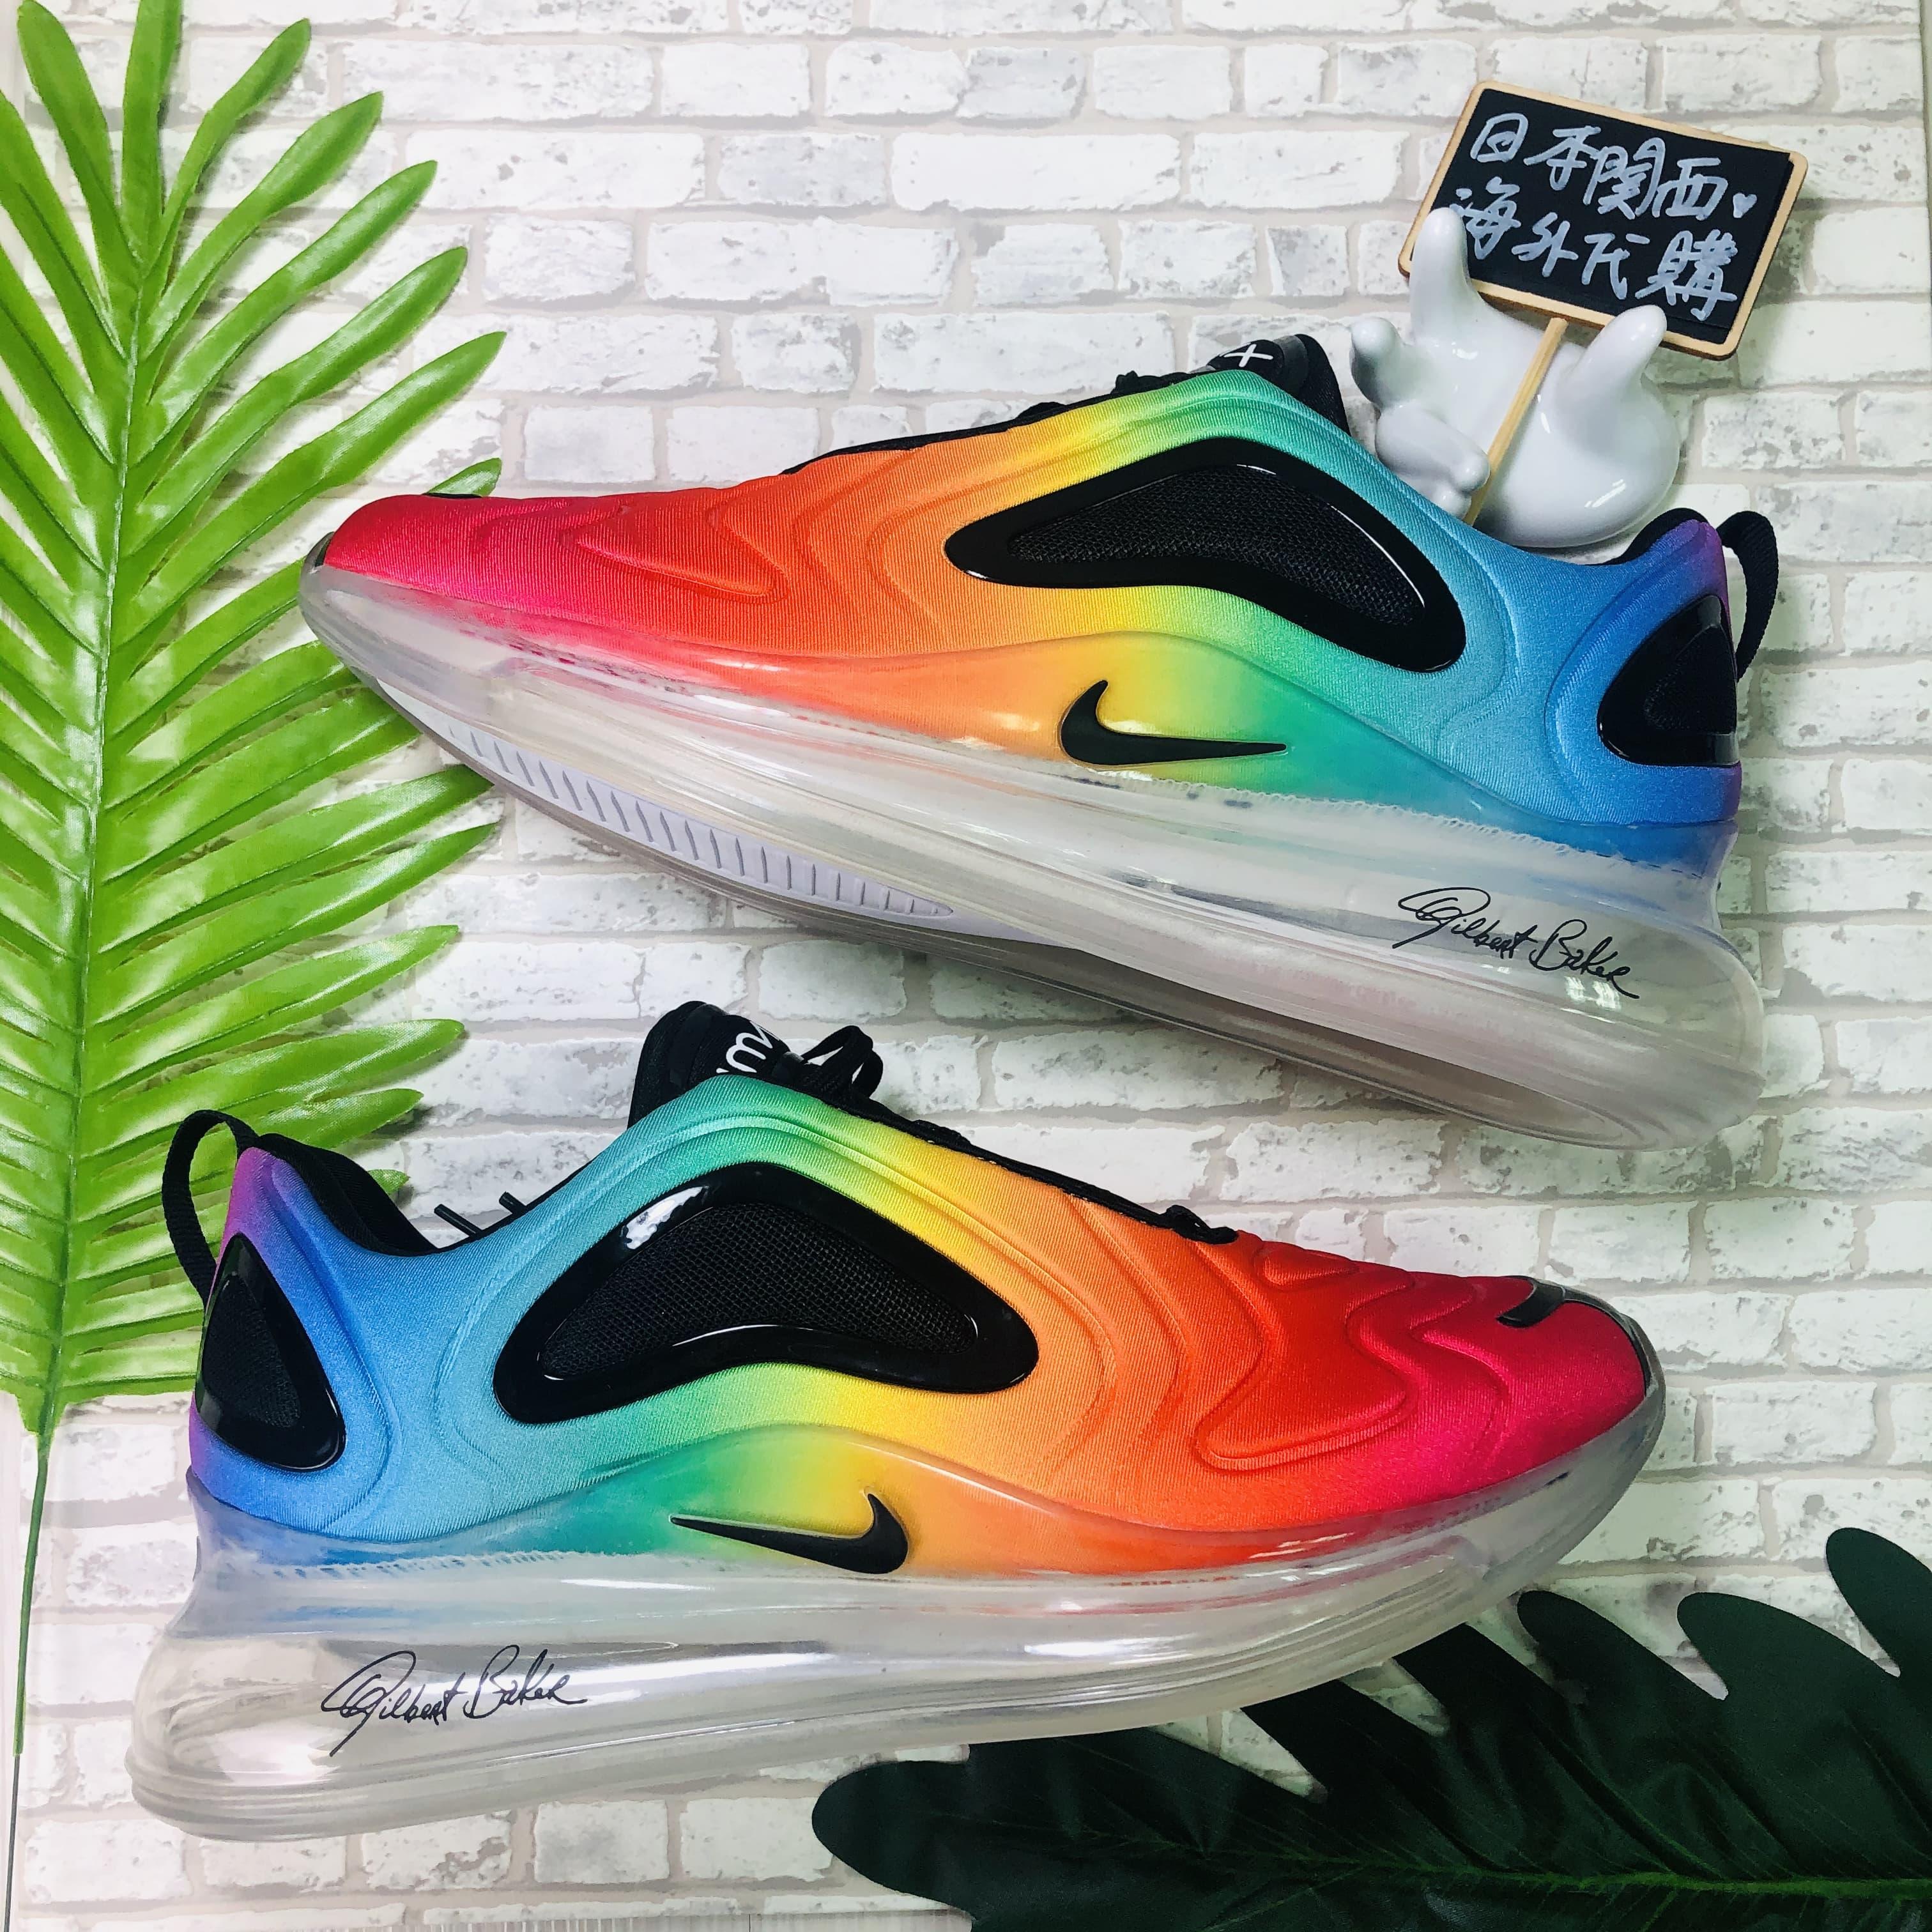 【日本海外代購】NIKE AIR MAX 720 BETRUE 彩虹 彩色 慢跑鞋 全氣墊 情侶 休閒 CJ5472-900